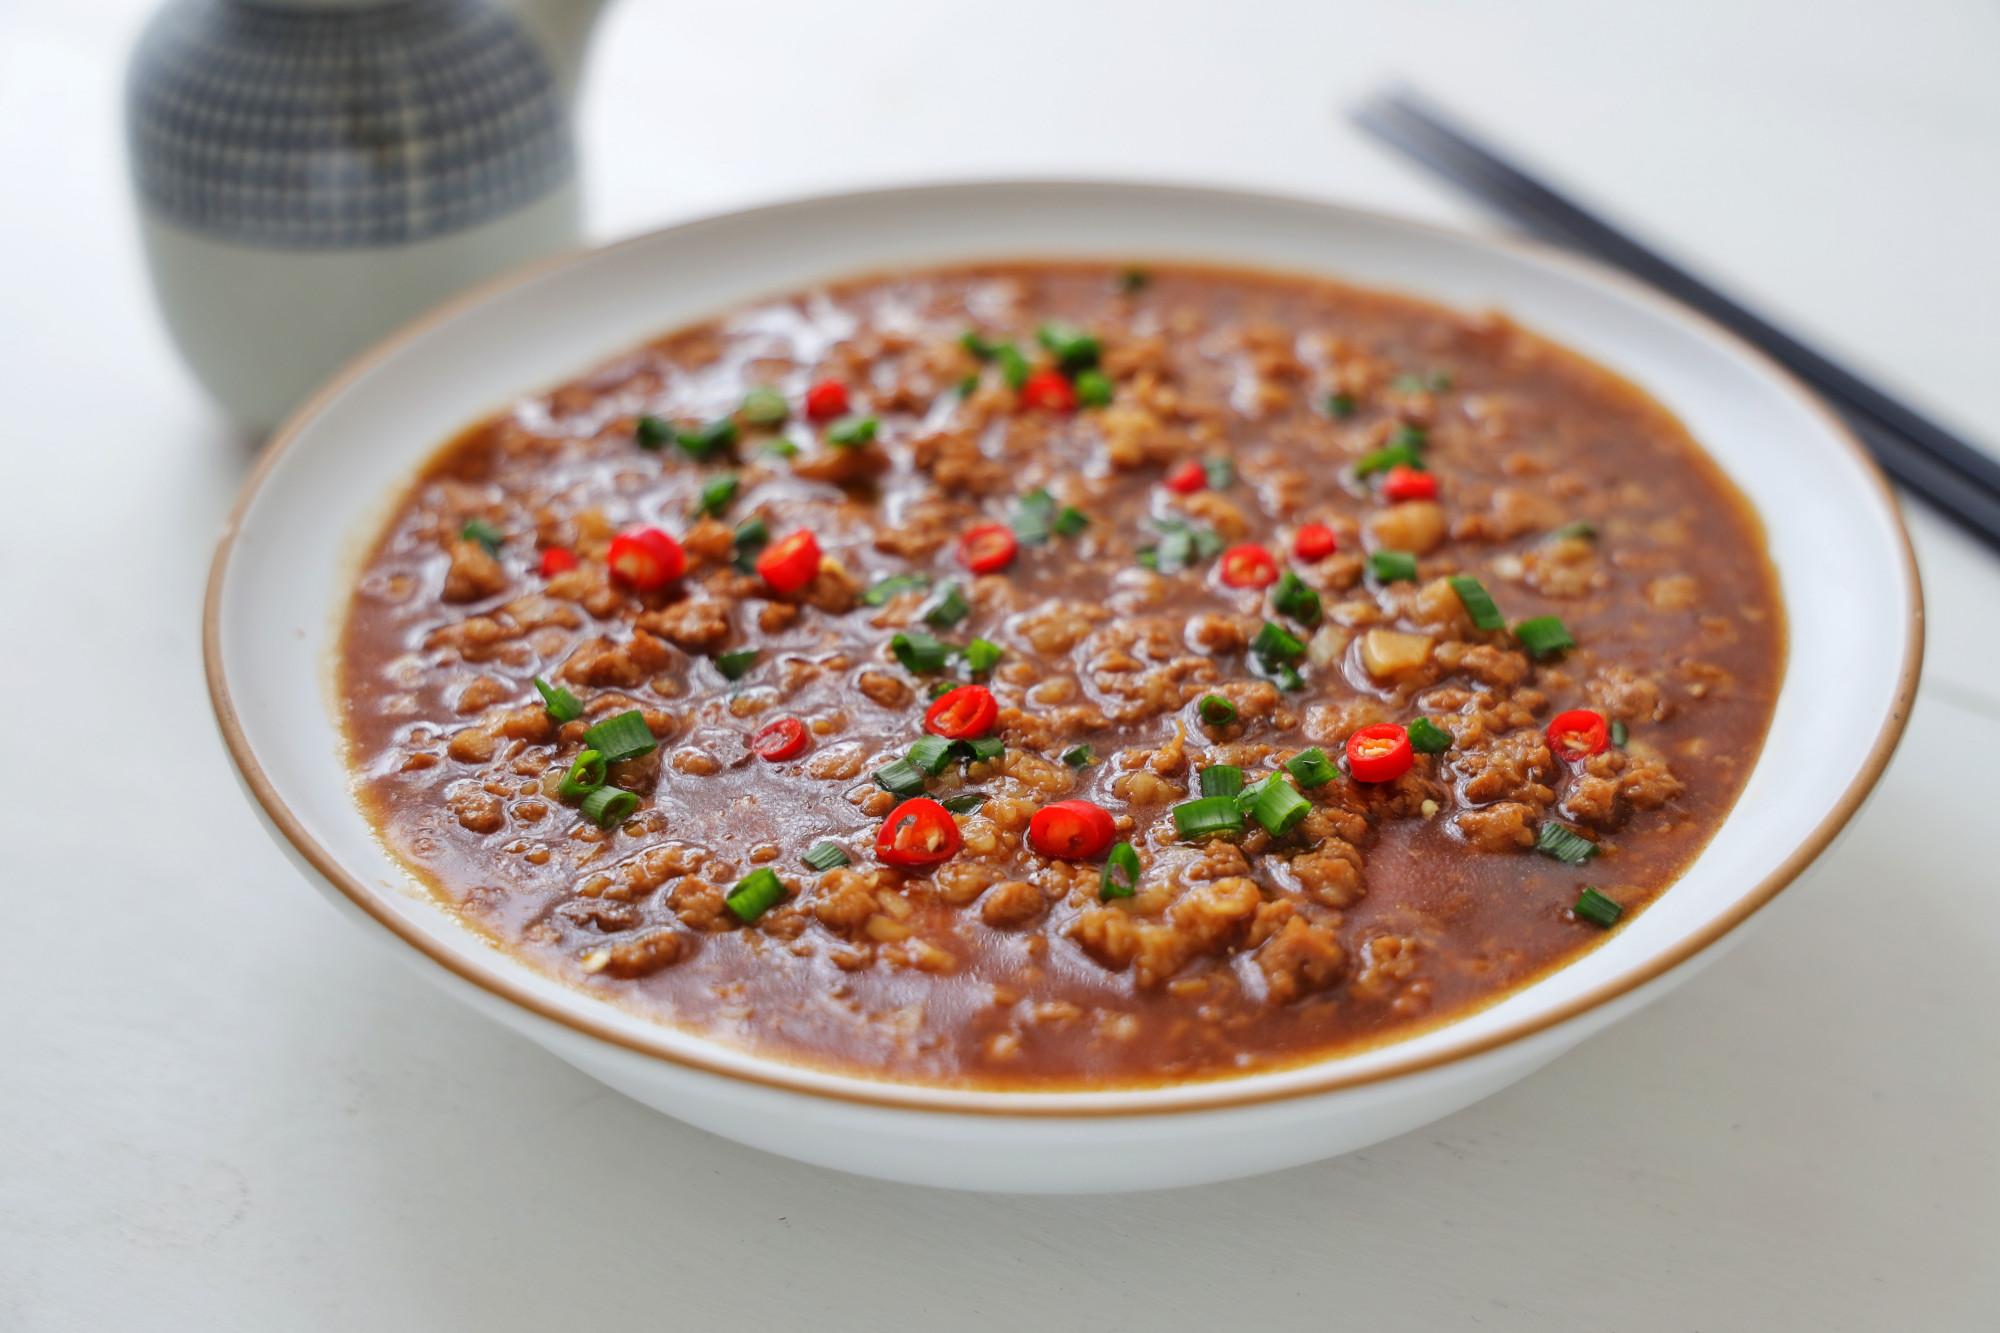 適合冬天吃的一道菜,營養豐富,做法簡單,而且孩子老人都愛吃